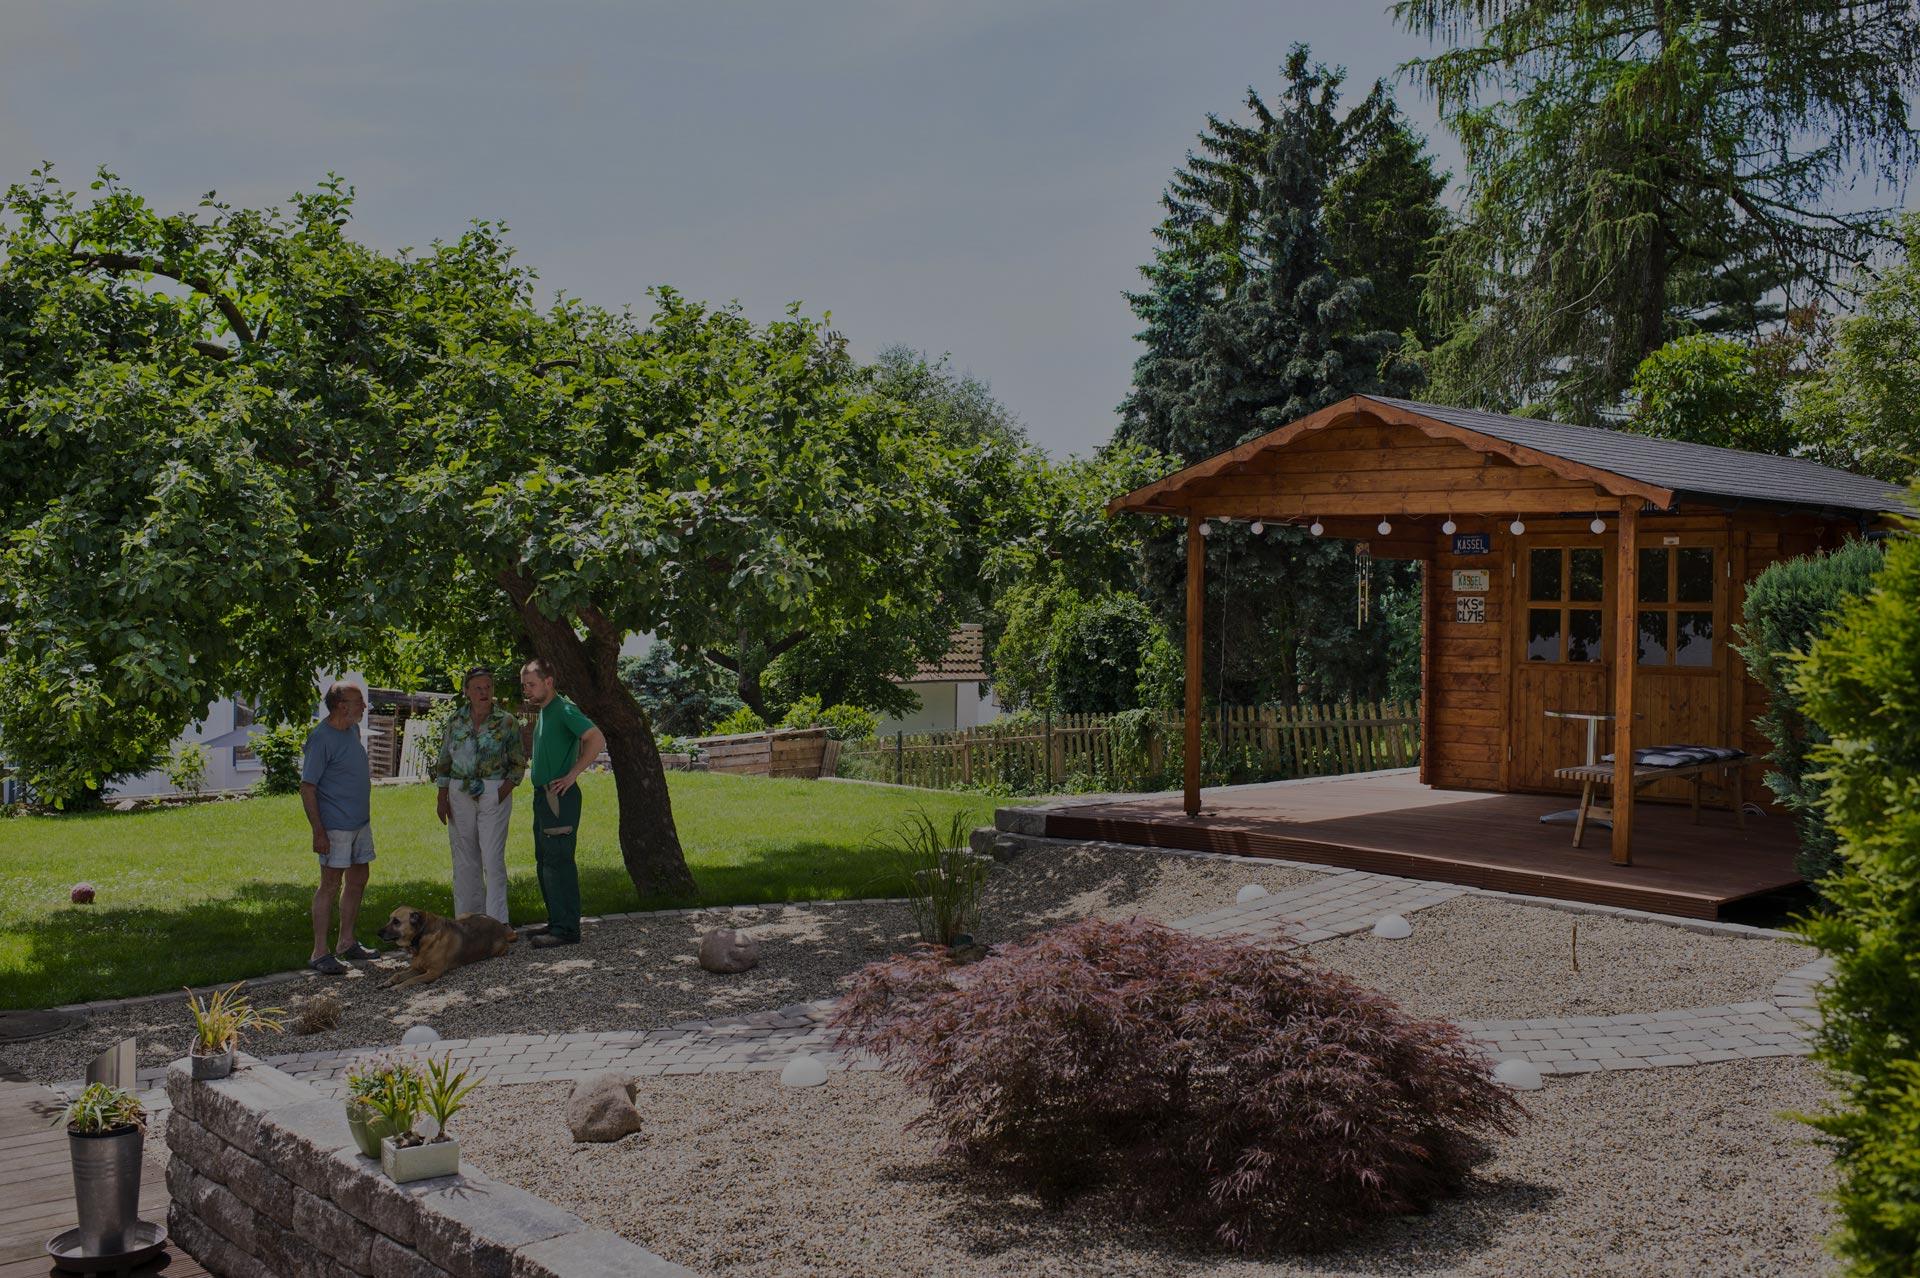 Garten Landschaftsbau Kassel Innenraumbegrünung